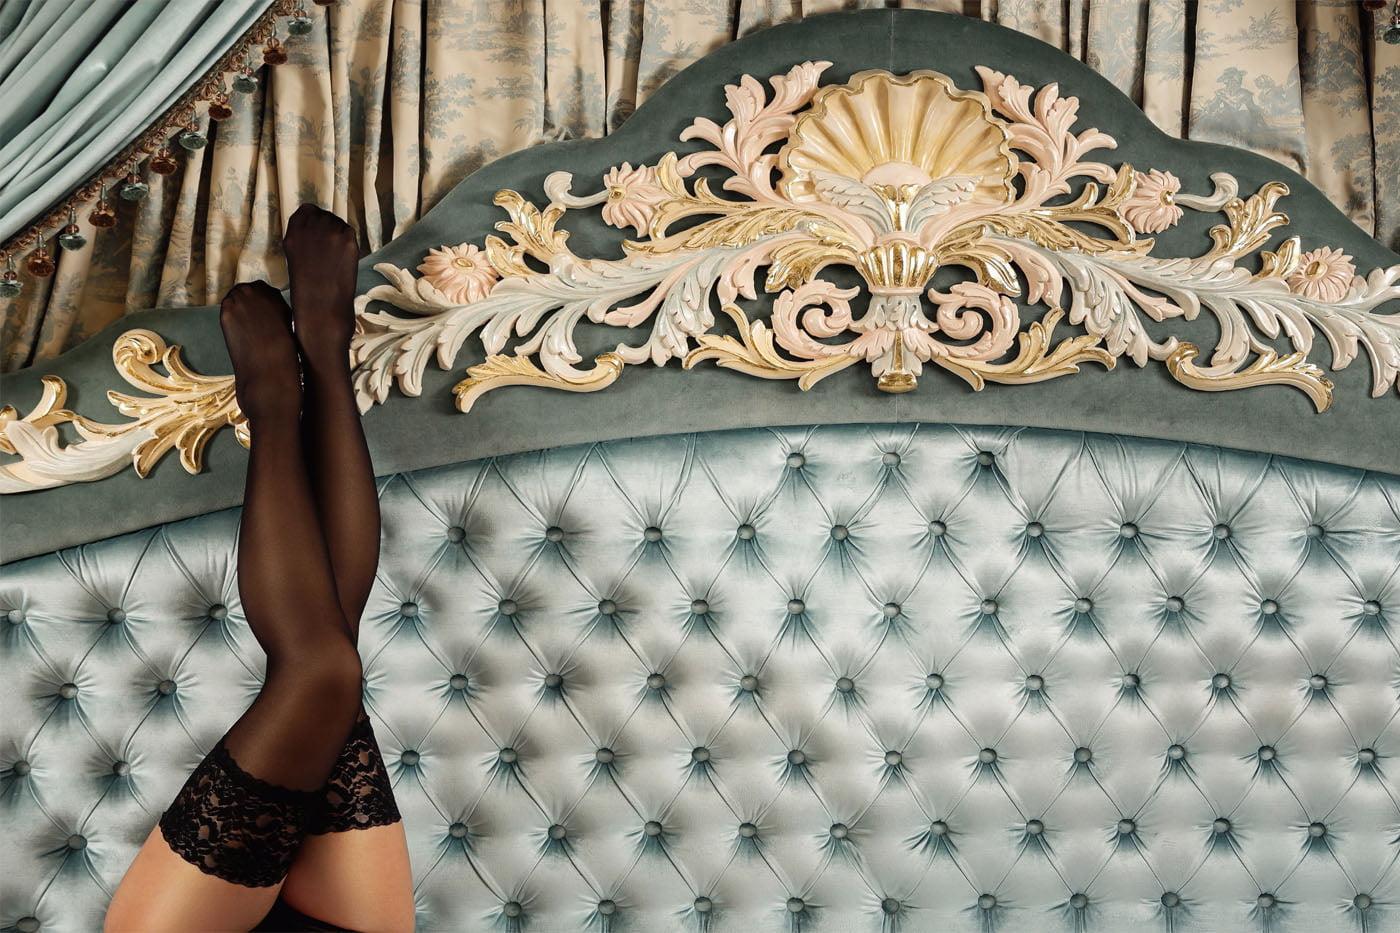 c8b9d77985fa0 An Interview with Erotic Fiction Author Adeline Bond & Giveaway! - Vivre Le  Rêve